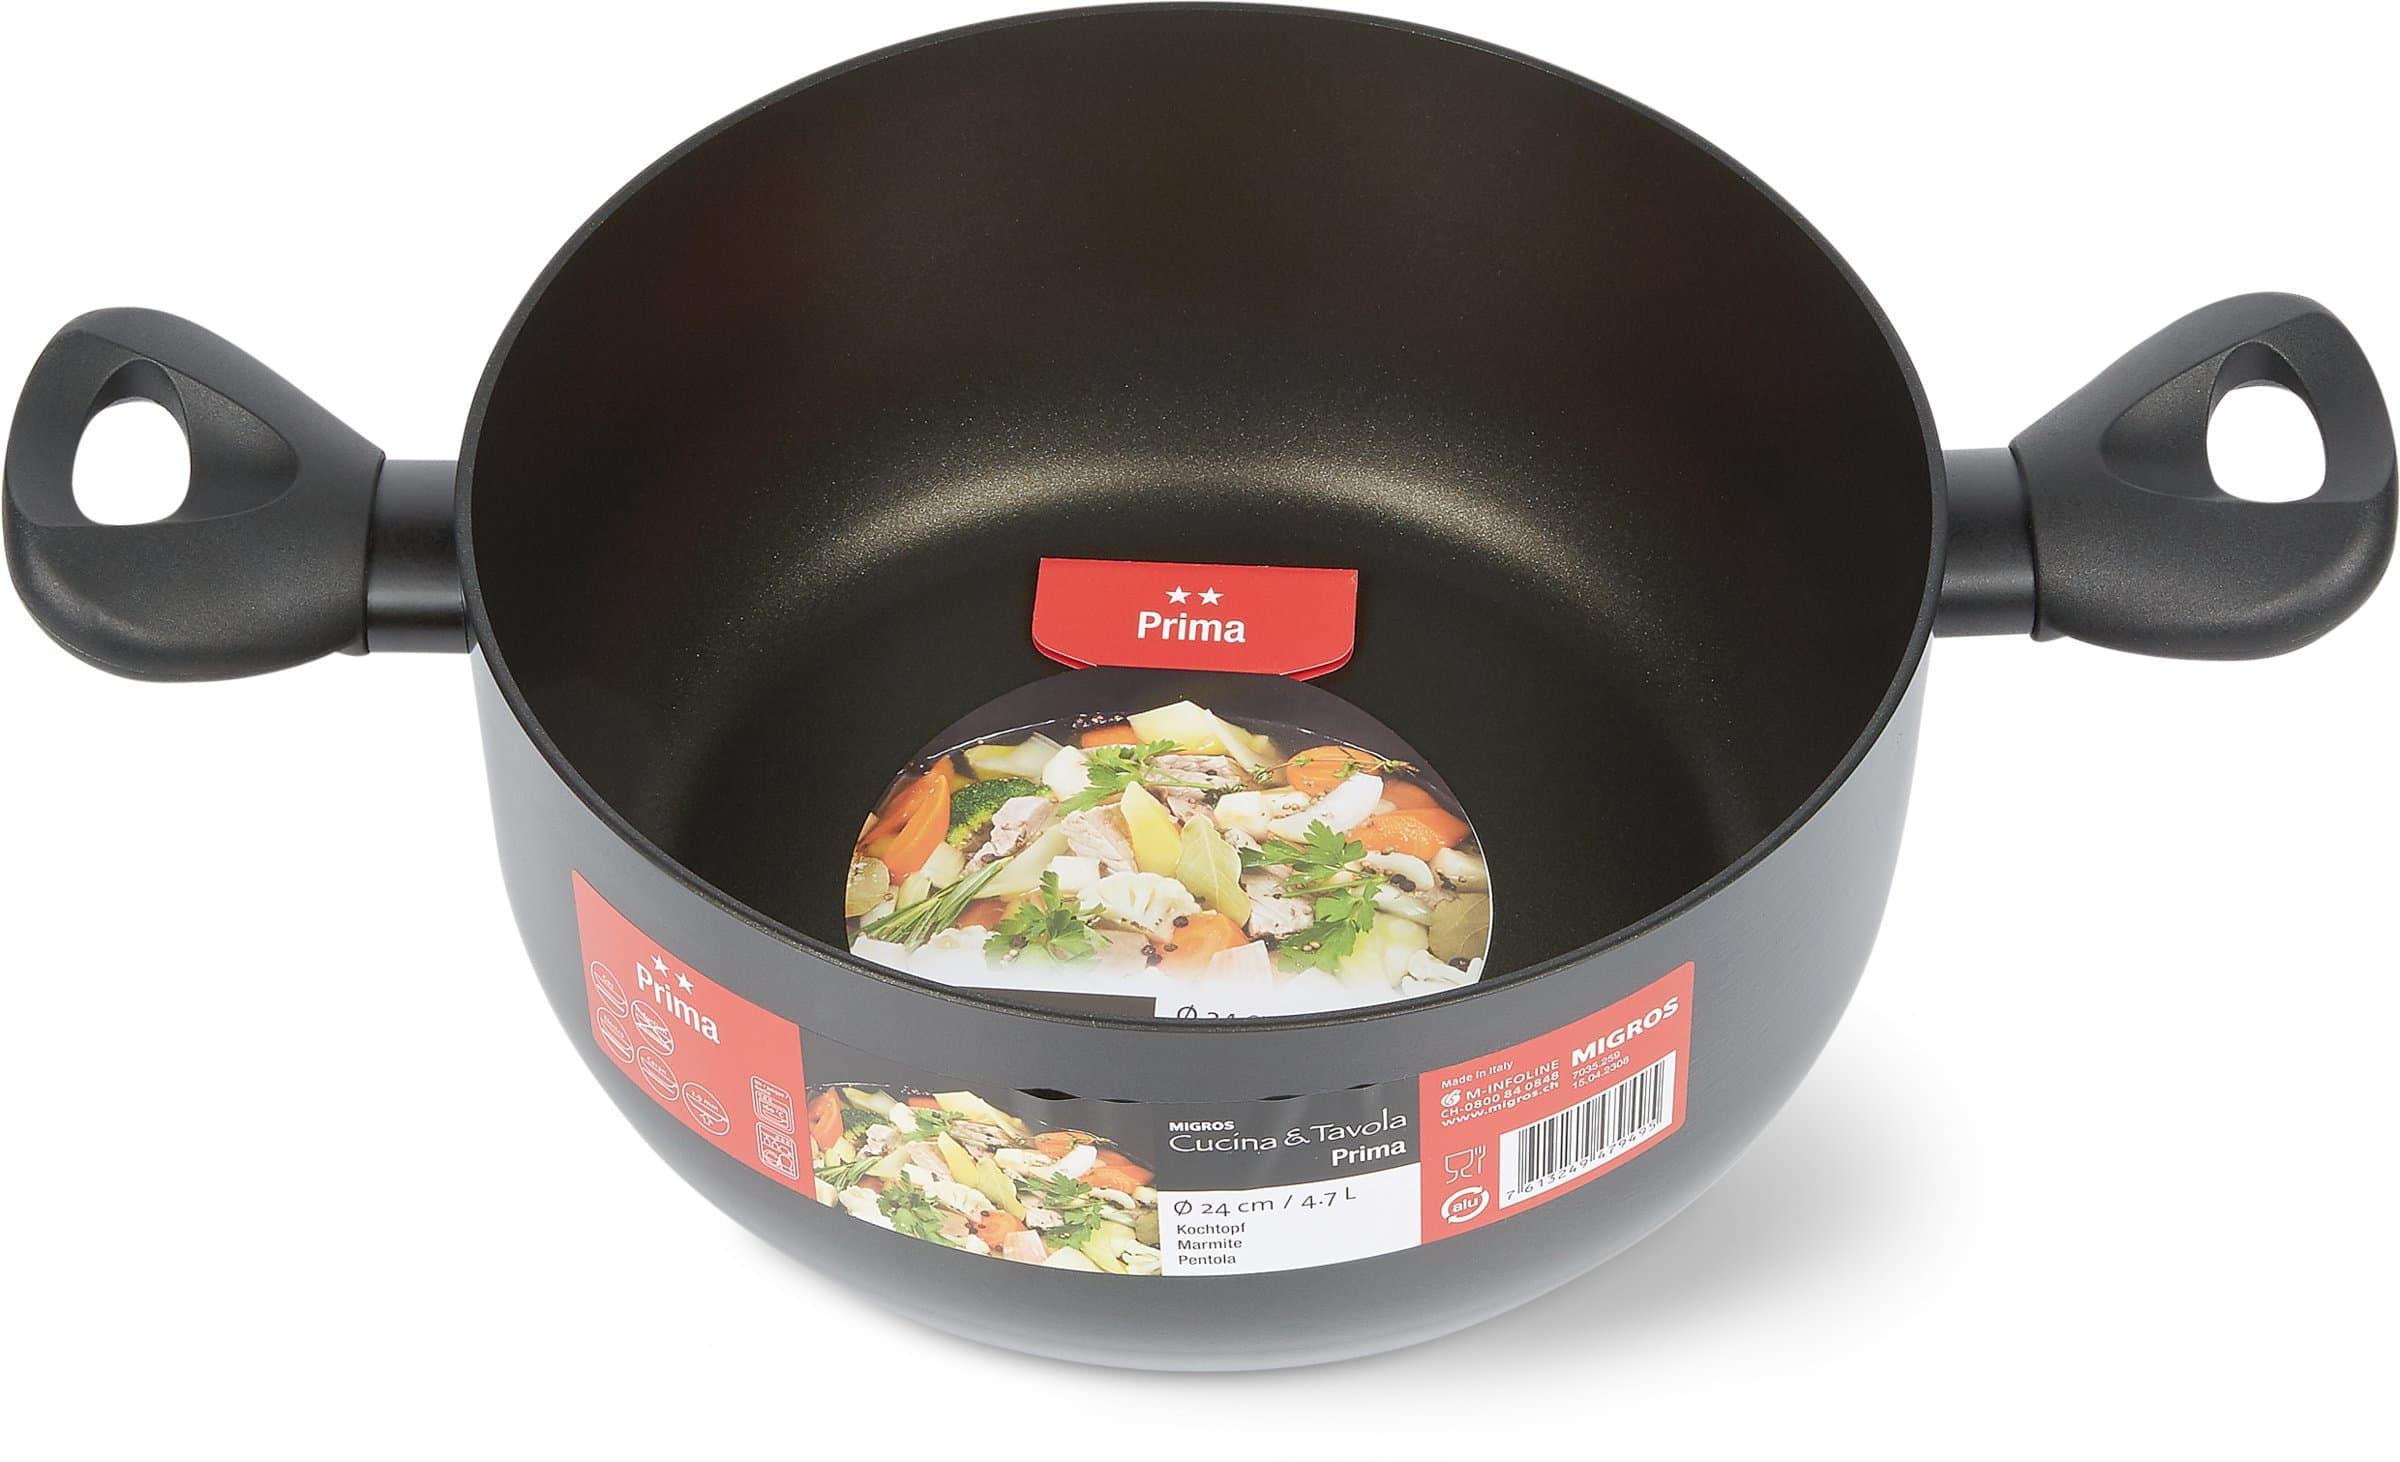 Cucina & Tavola PRIMA Marmitta